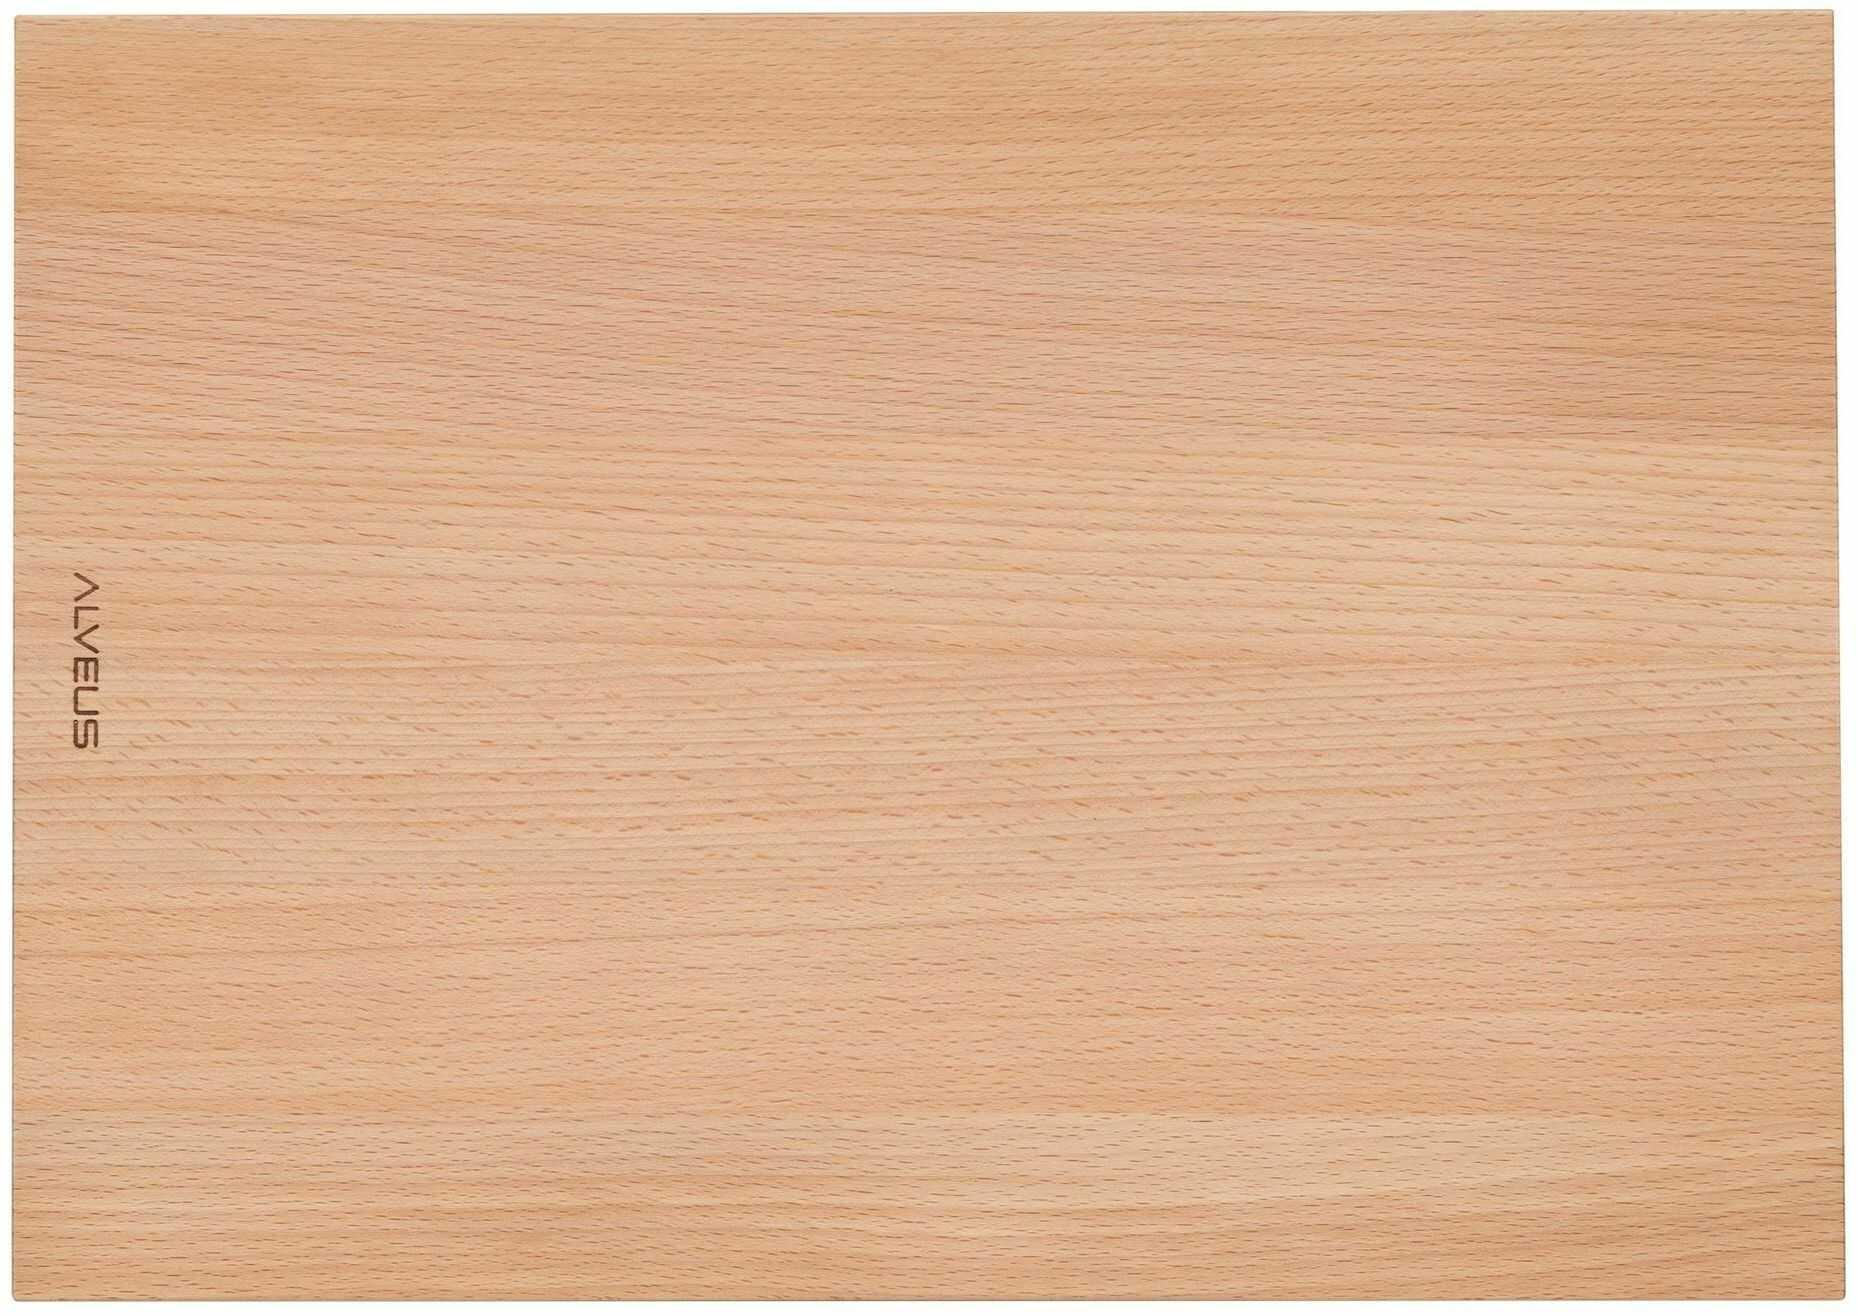 ALVEUS Deska do krojenia drewniana ORIGIN 1210018 *(22)-266-82-20* Zapraszamy :)